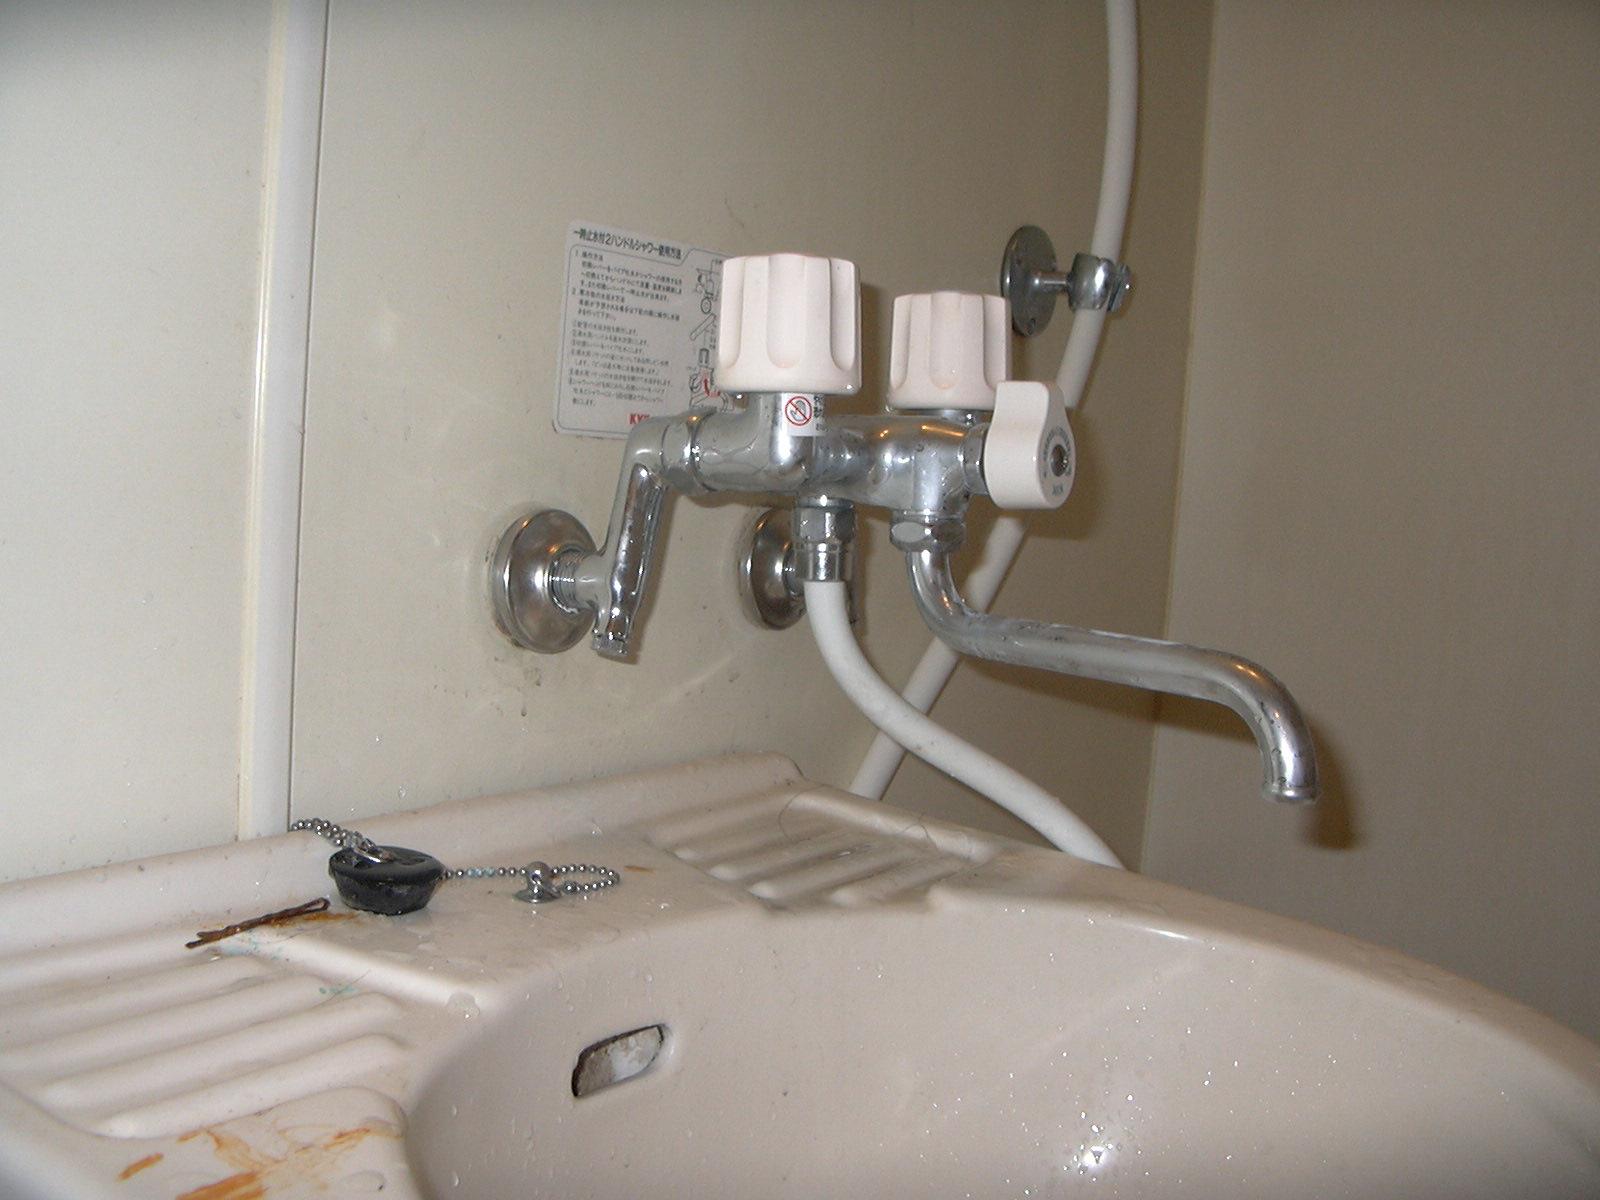 【工賃不要】お風呂の蛇口が不調?業者に任せず自力で交換しよう!のサムネイル画像